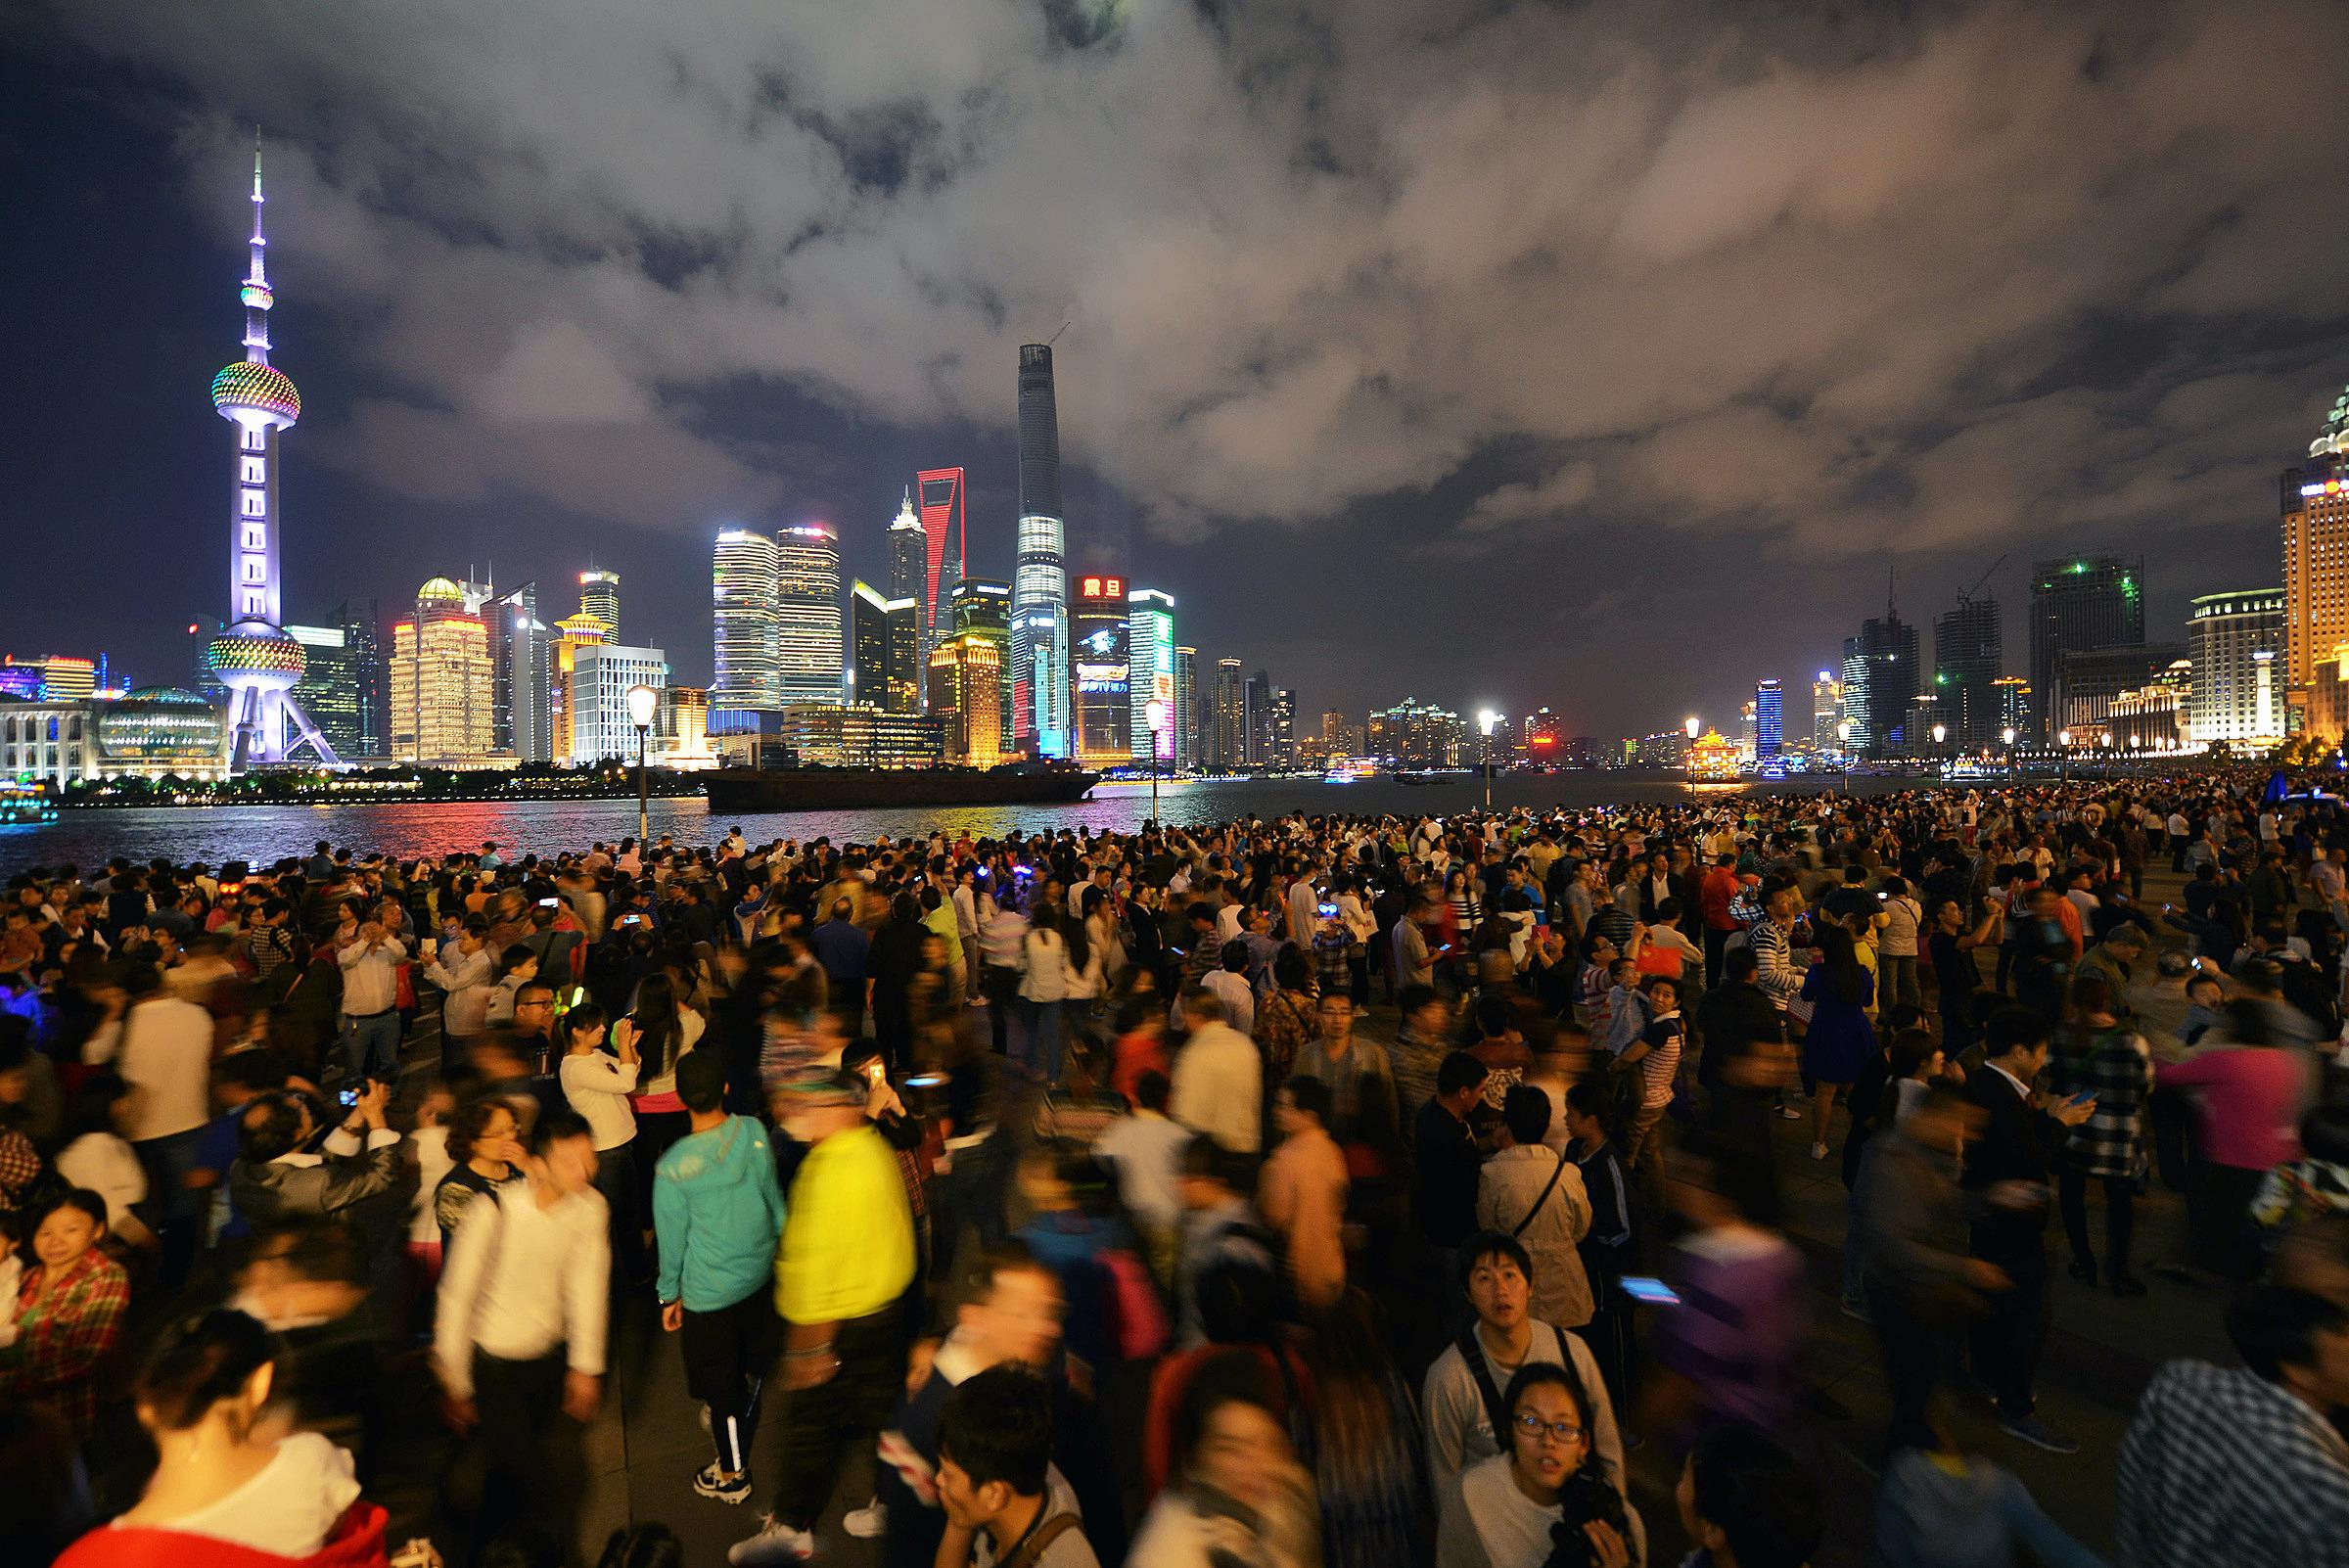 Hơn một triệu người đã tới bến Thượng Hải chỉ trong hai ngày đầu kỳ nghỉ. Ảnh: China Daily